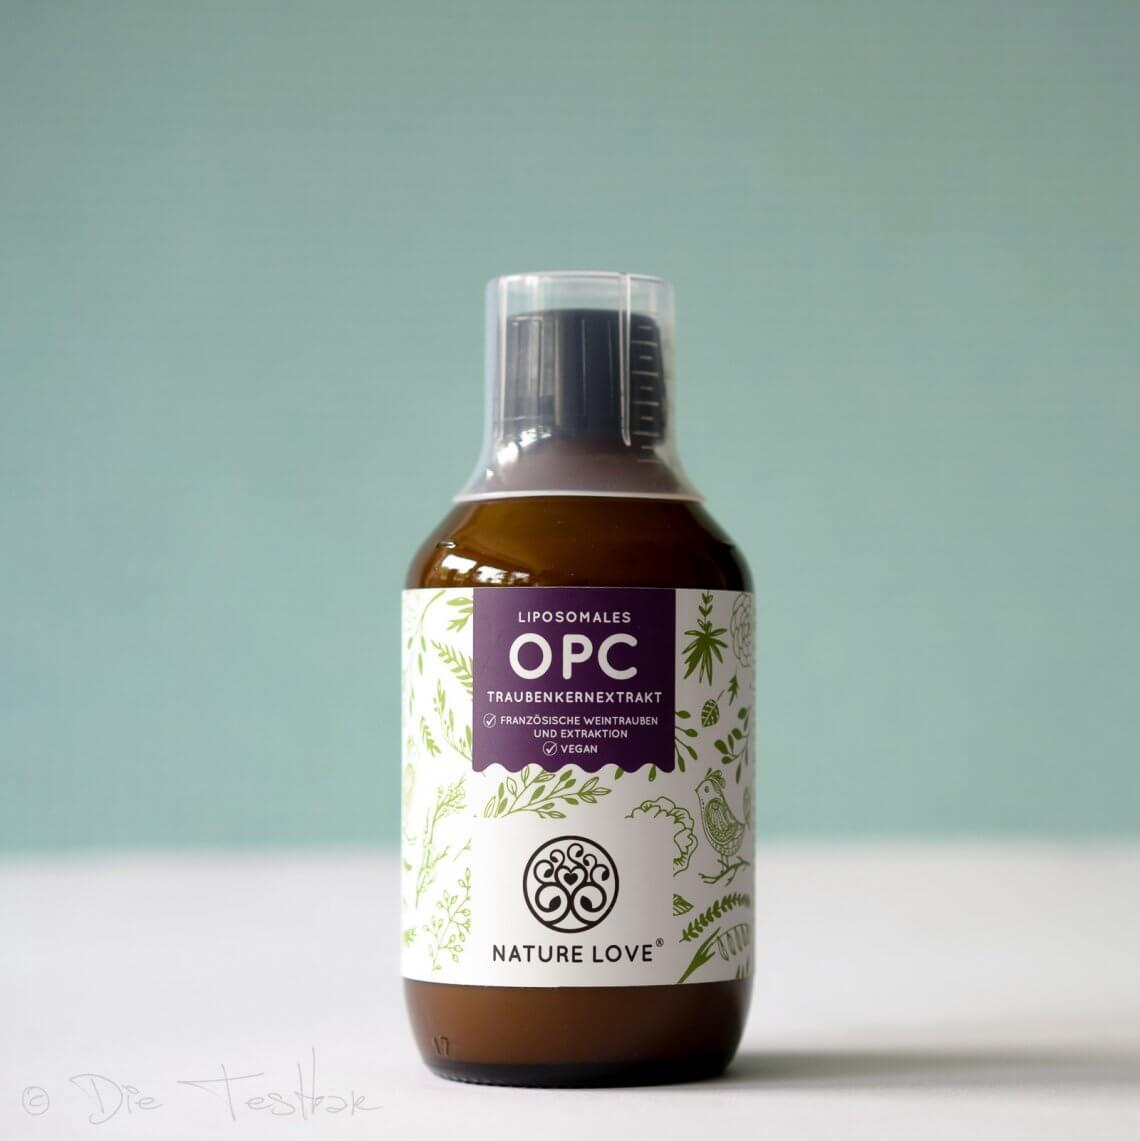 Liposomales OPC Traubenkernextrakt von Nature Love